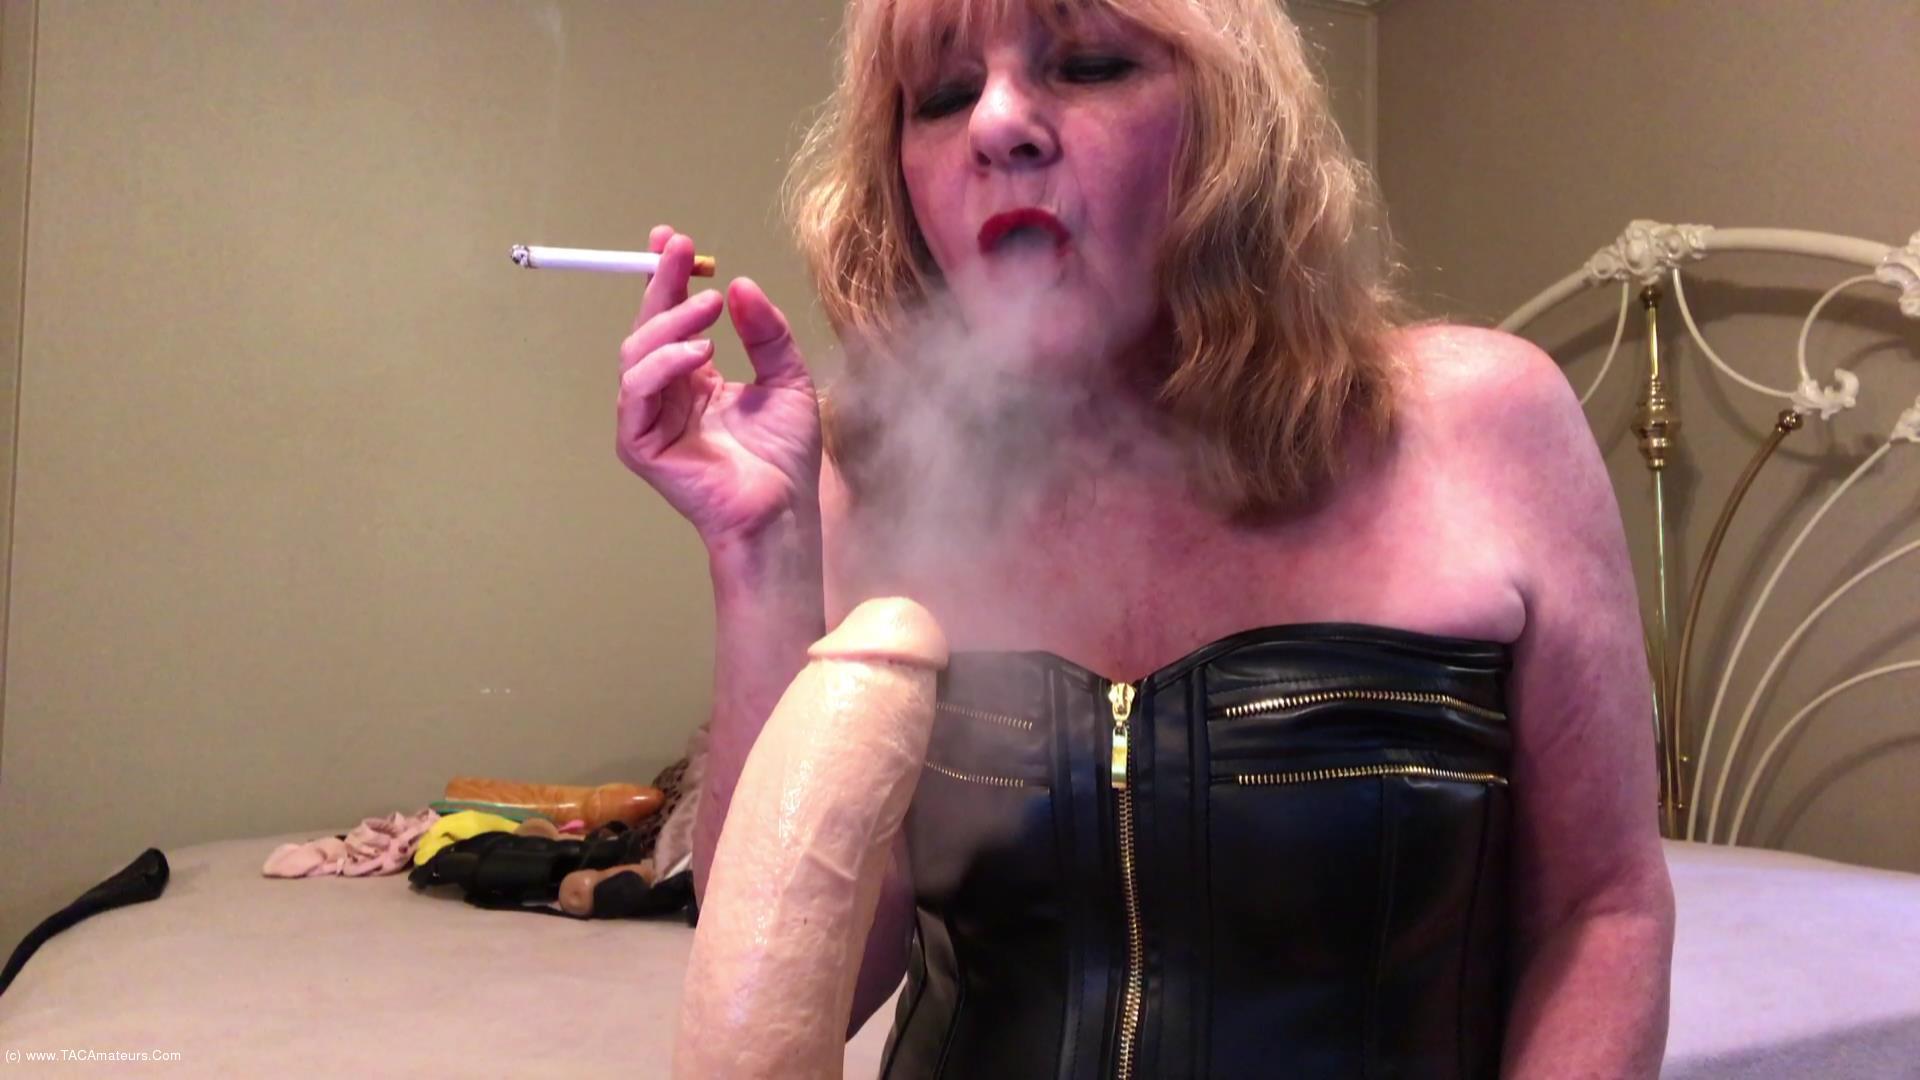 CougarBabeJolee - Masturbation Instructions While I Smoke scene 0